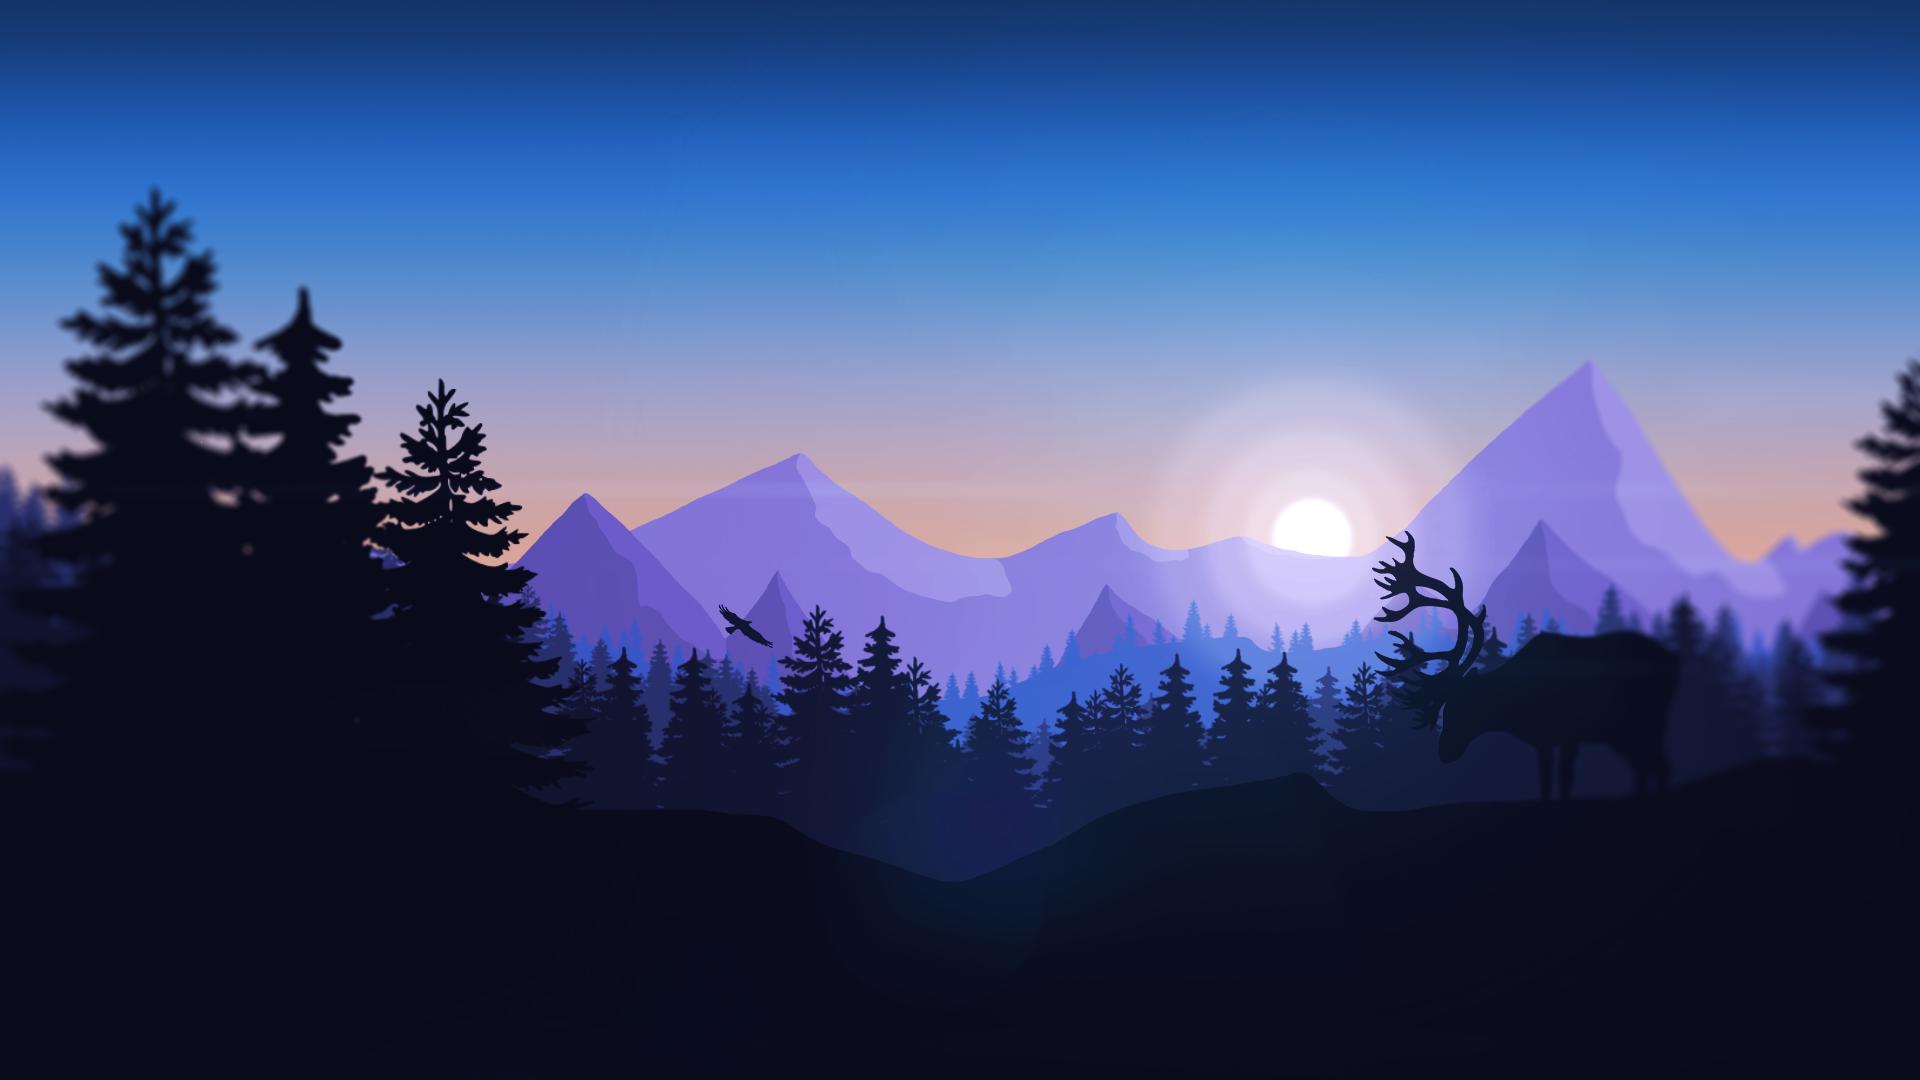 Recovery Mountain Minimalist 4k Hd Desktop Wallpaper For: Wallpaper : Forest, Mountains, Animals, Minimalism